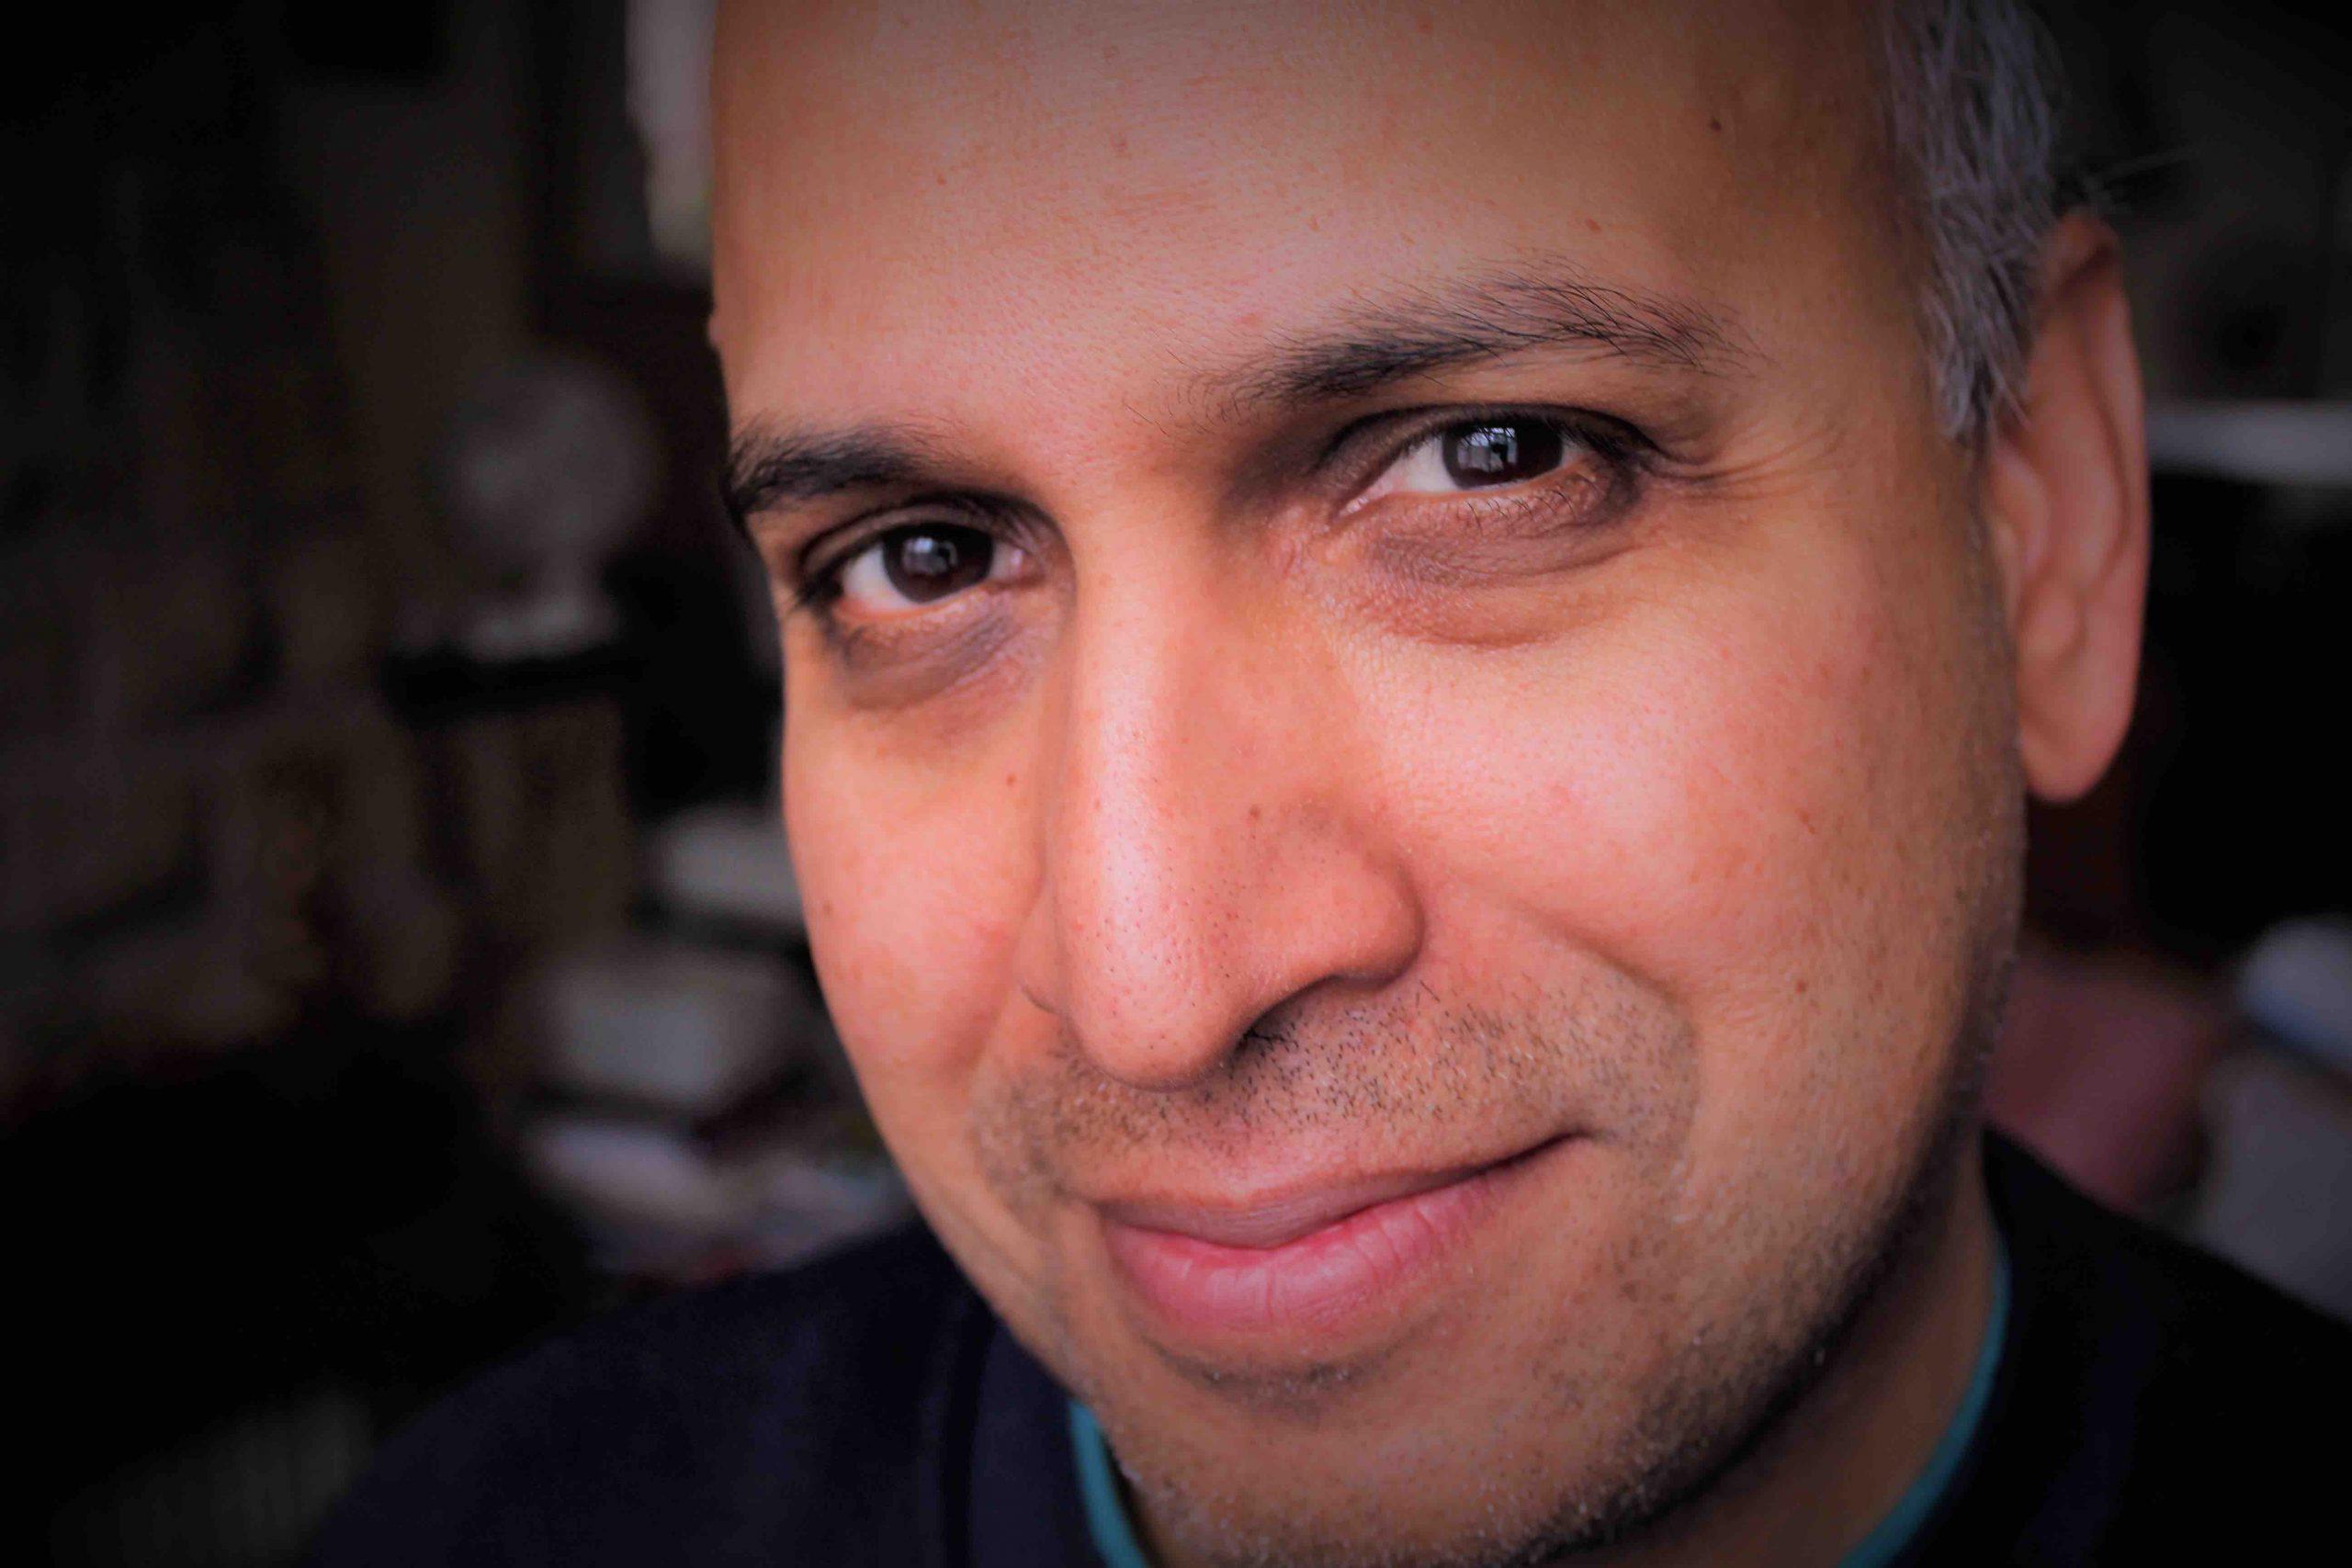 Rajiv Hasan